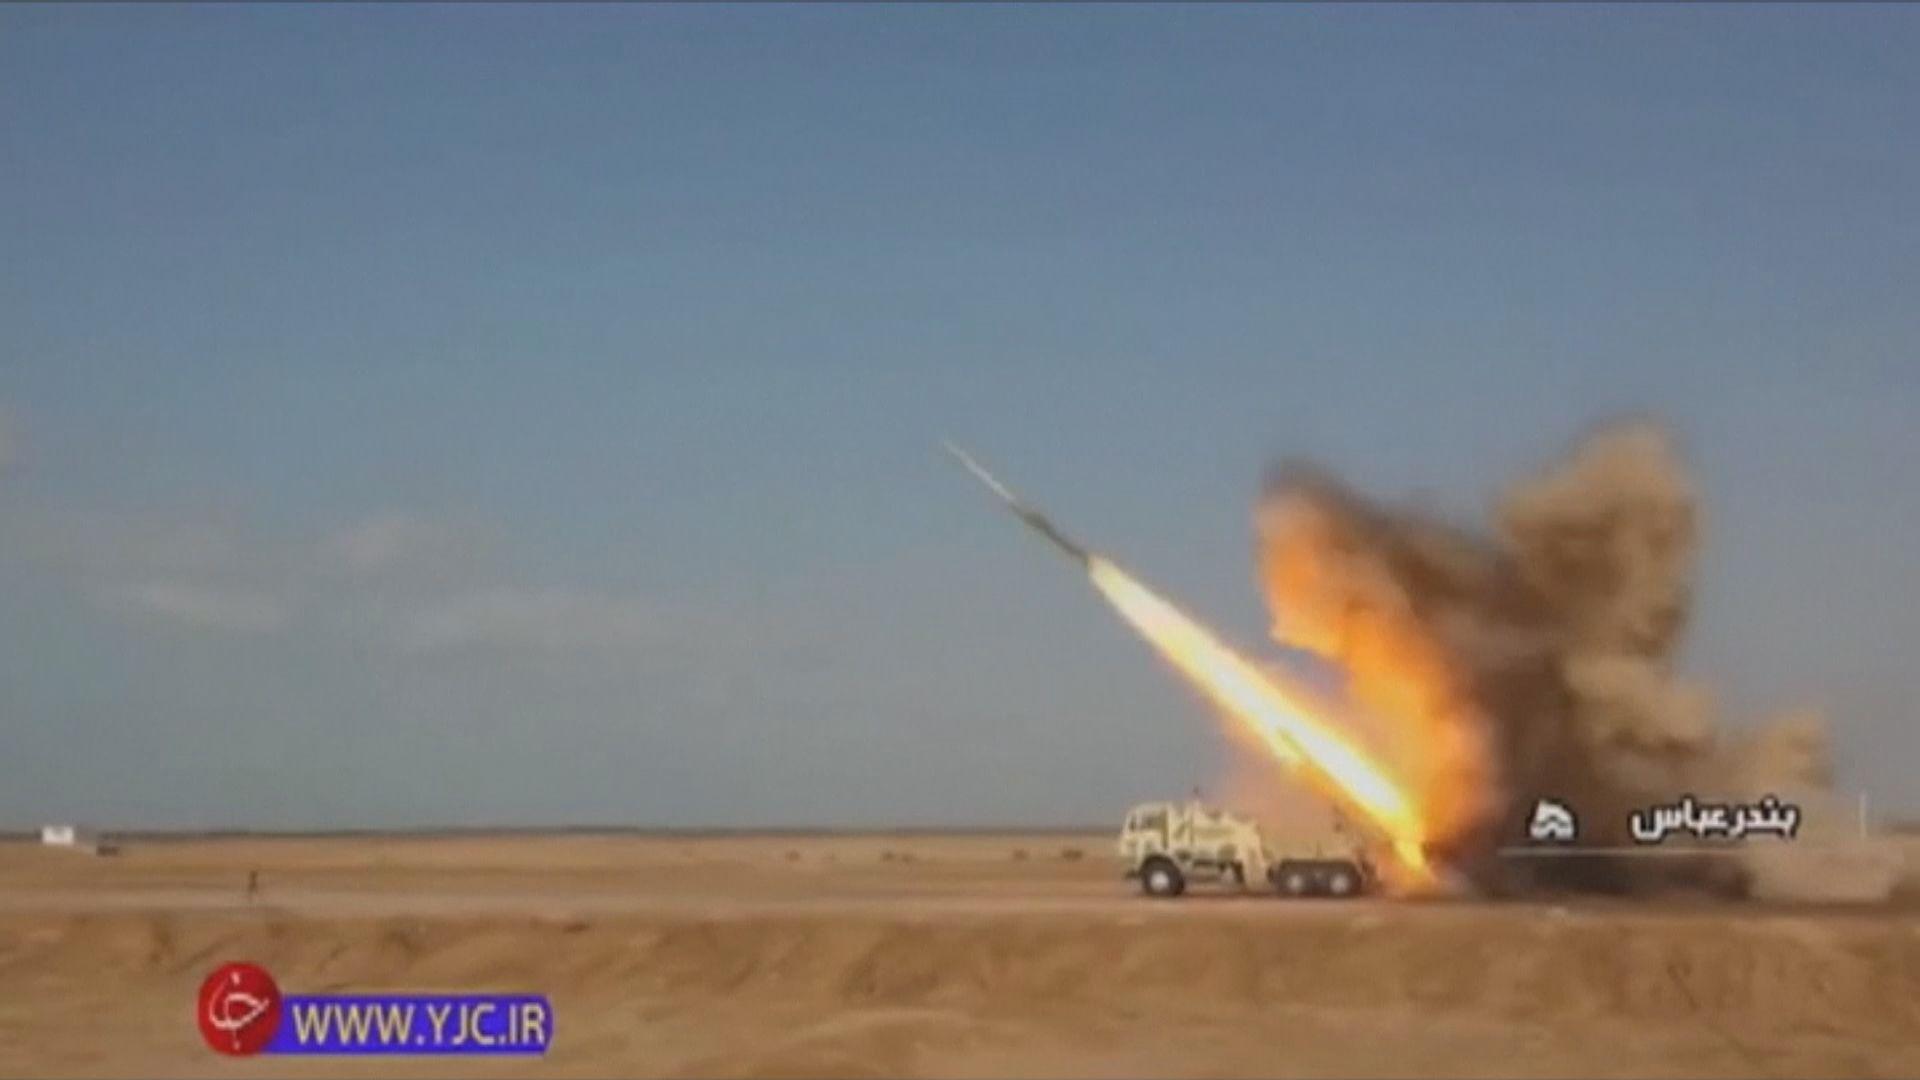 伊朗軍演模擬向美軍航母發射導彈